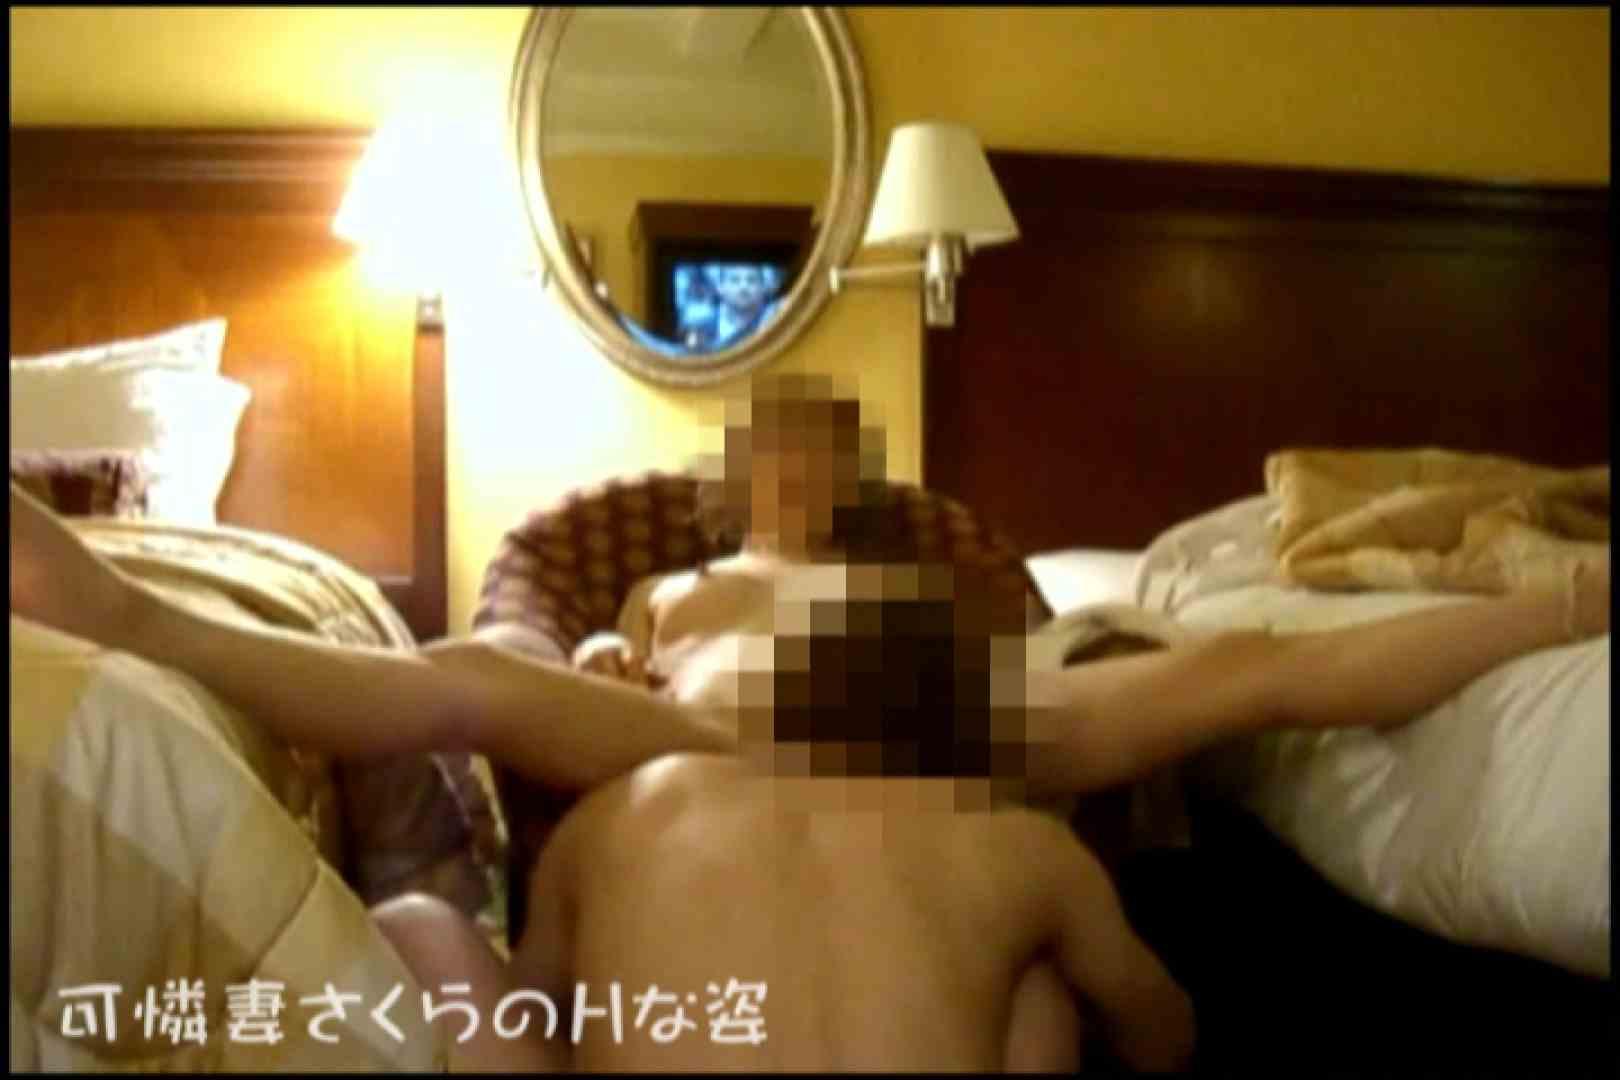 可憐妻さくらのHな姿vol.7 熟女の裸体 | OL裸体  99画像 49